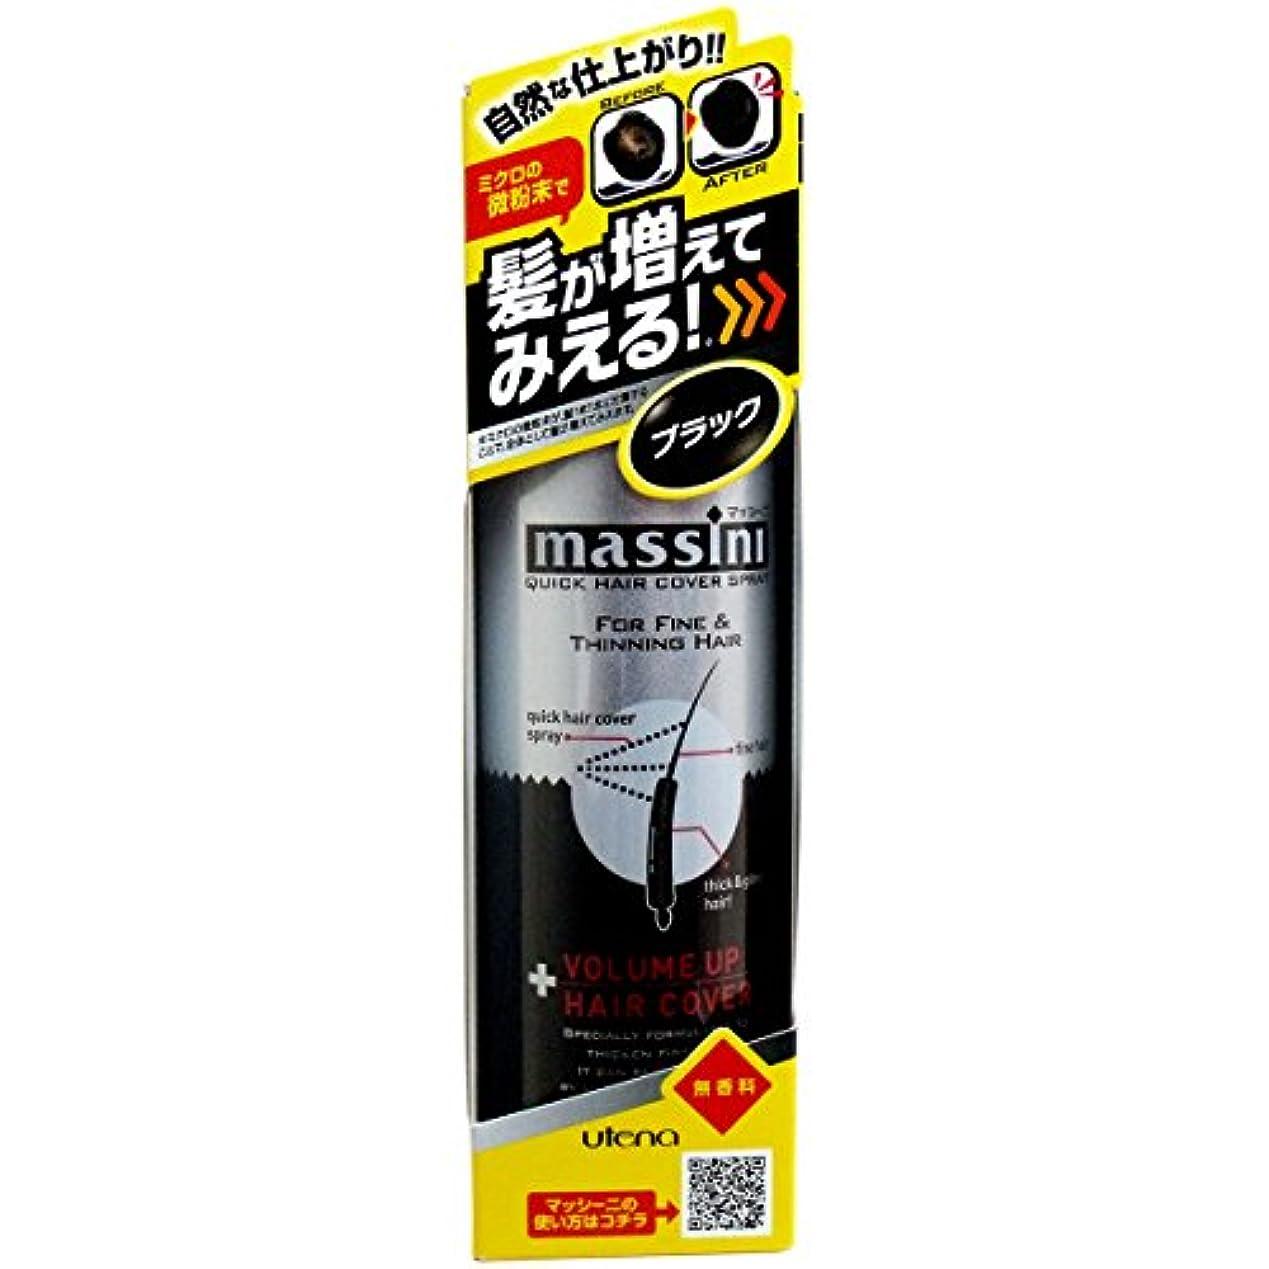 割り当てる競争力のあるぺディカブ【ウテナ】マッシーニ クィックヘアカバースプレー(ブラック) 140g ×3個セット